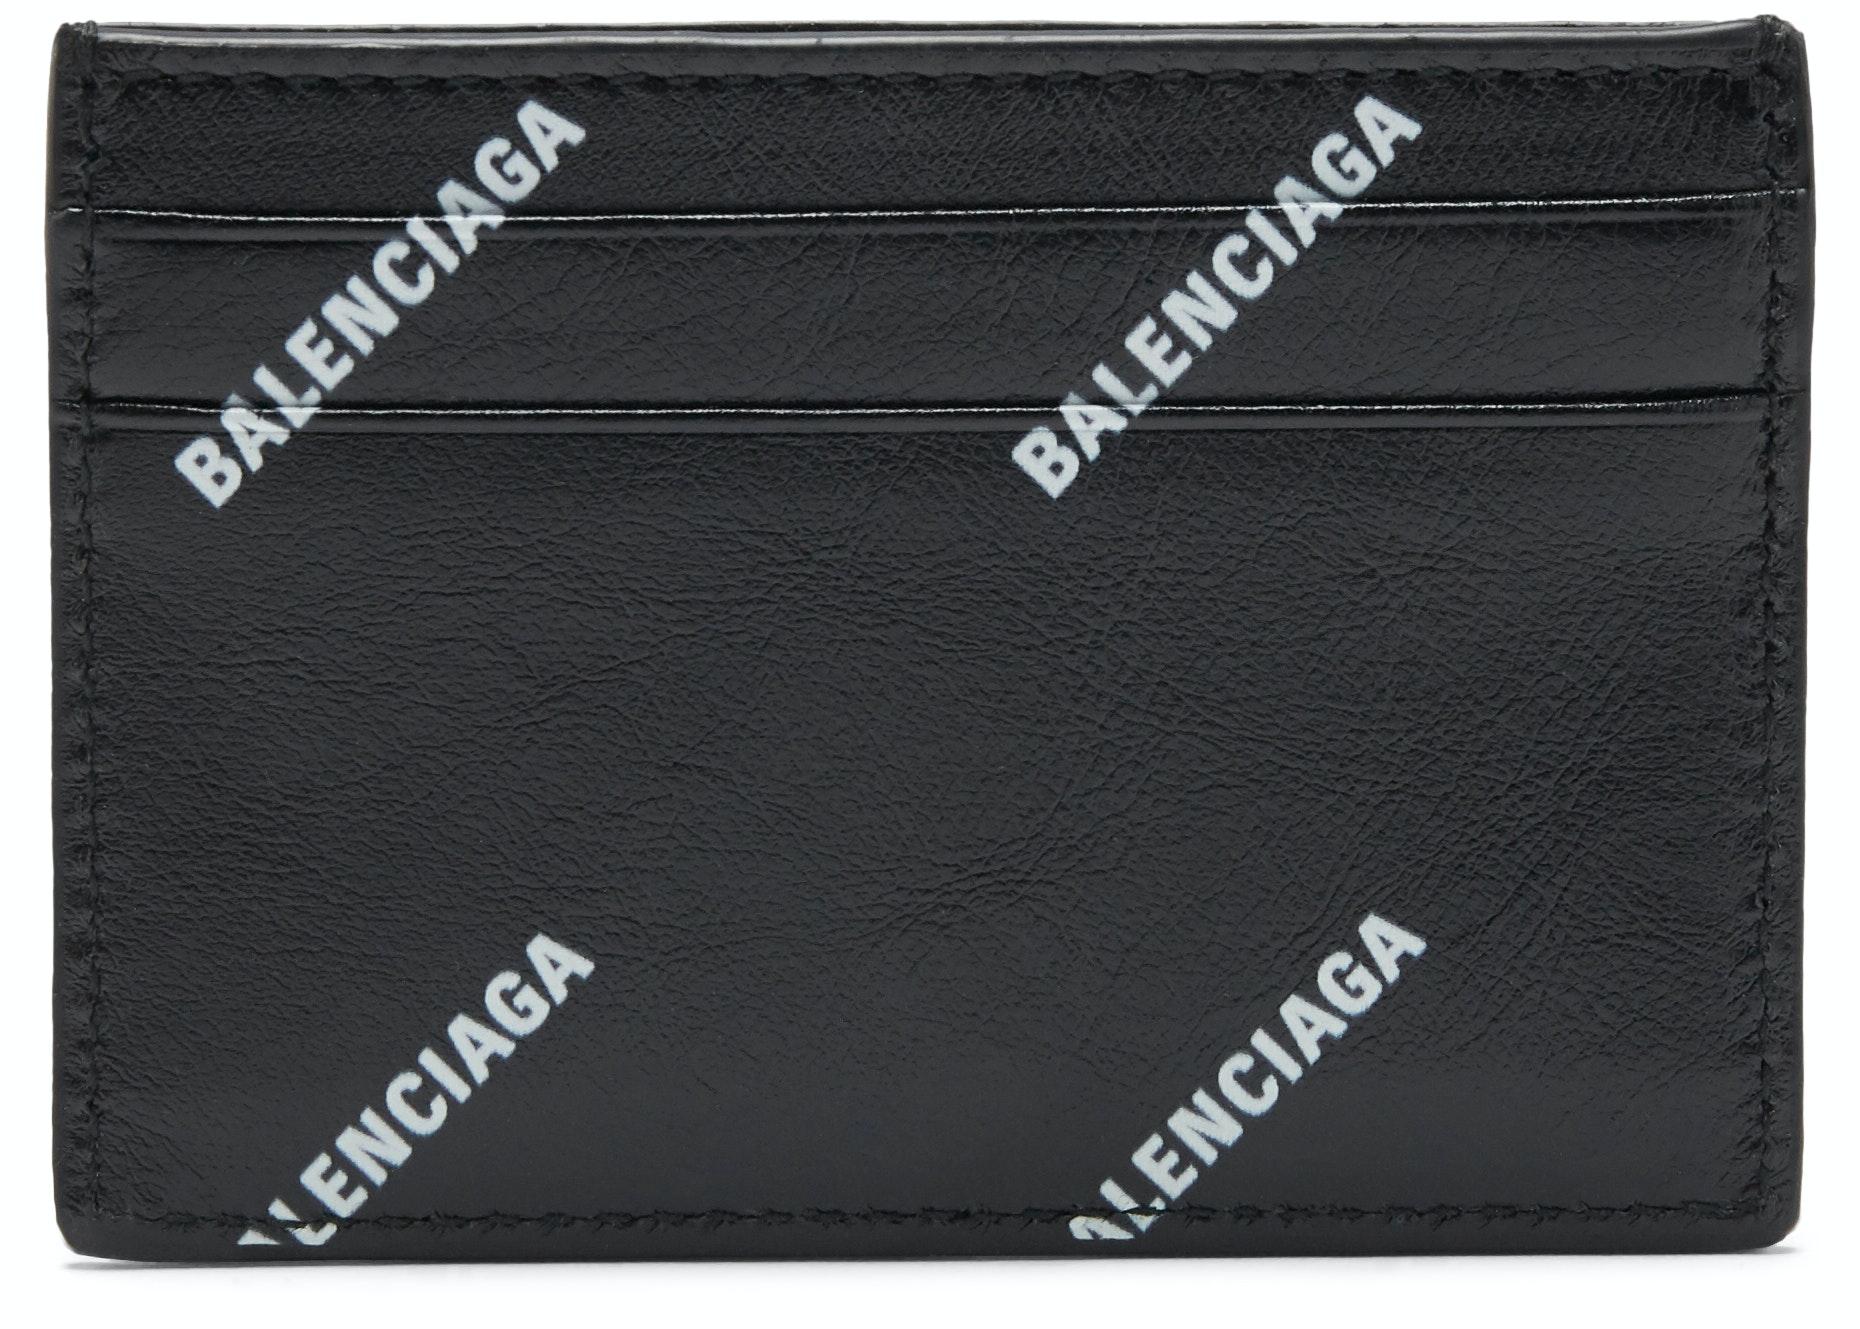 Balenciaga Card Case All Over Logo Black White